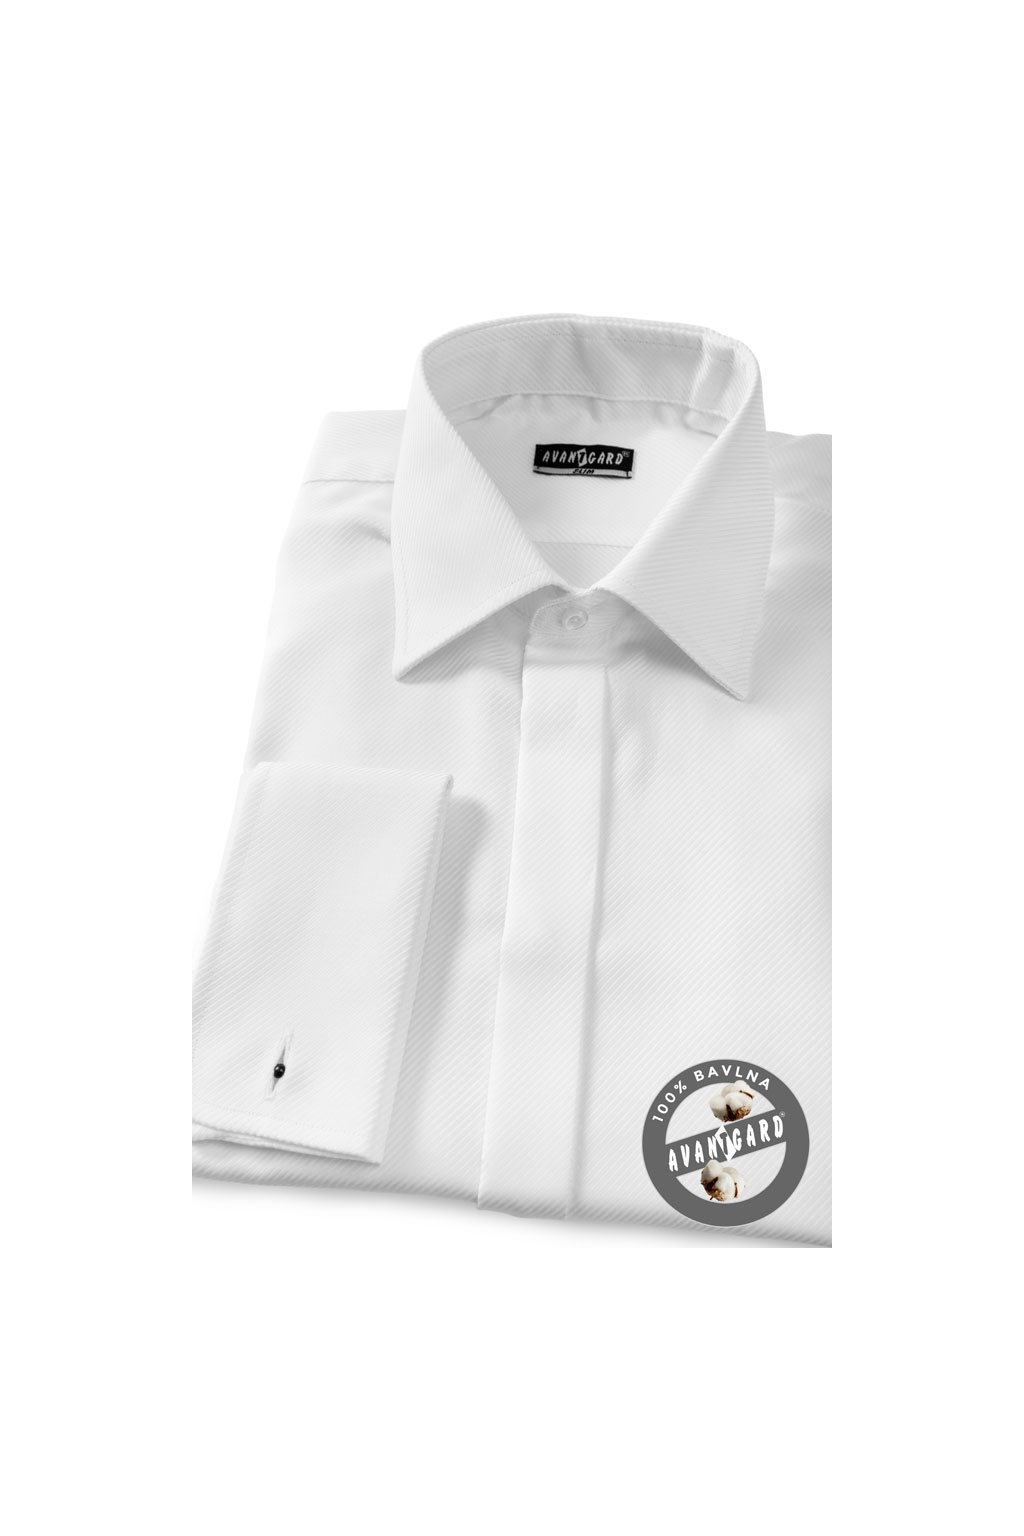 Pánská košile SLIM s krytou légou a dvojitými manžetami na manžetové knoflíčky bílá 111 - 1